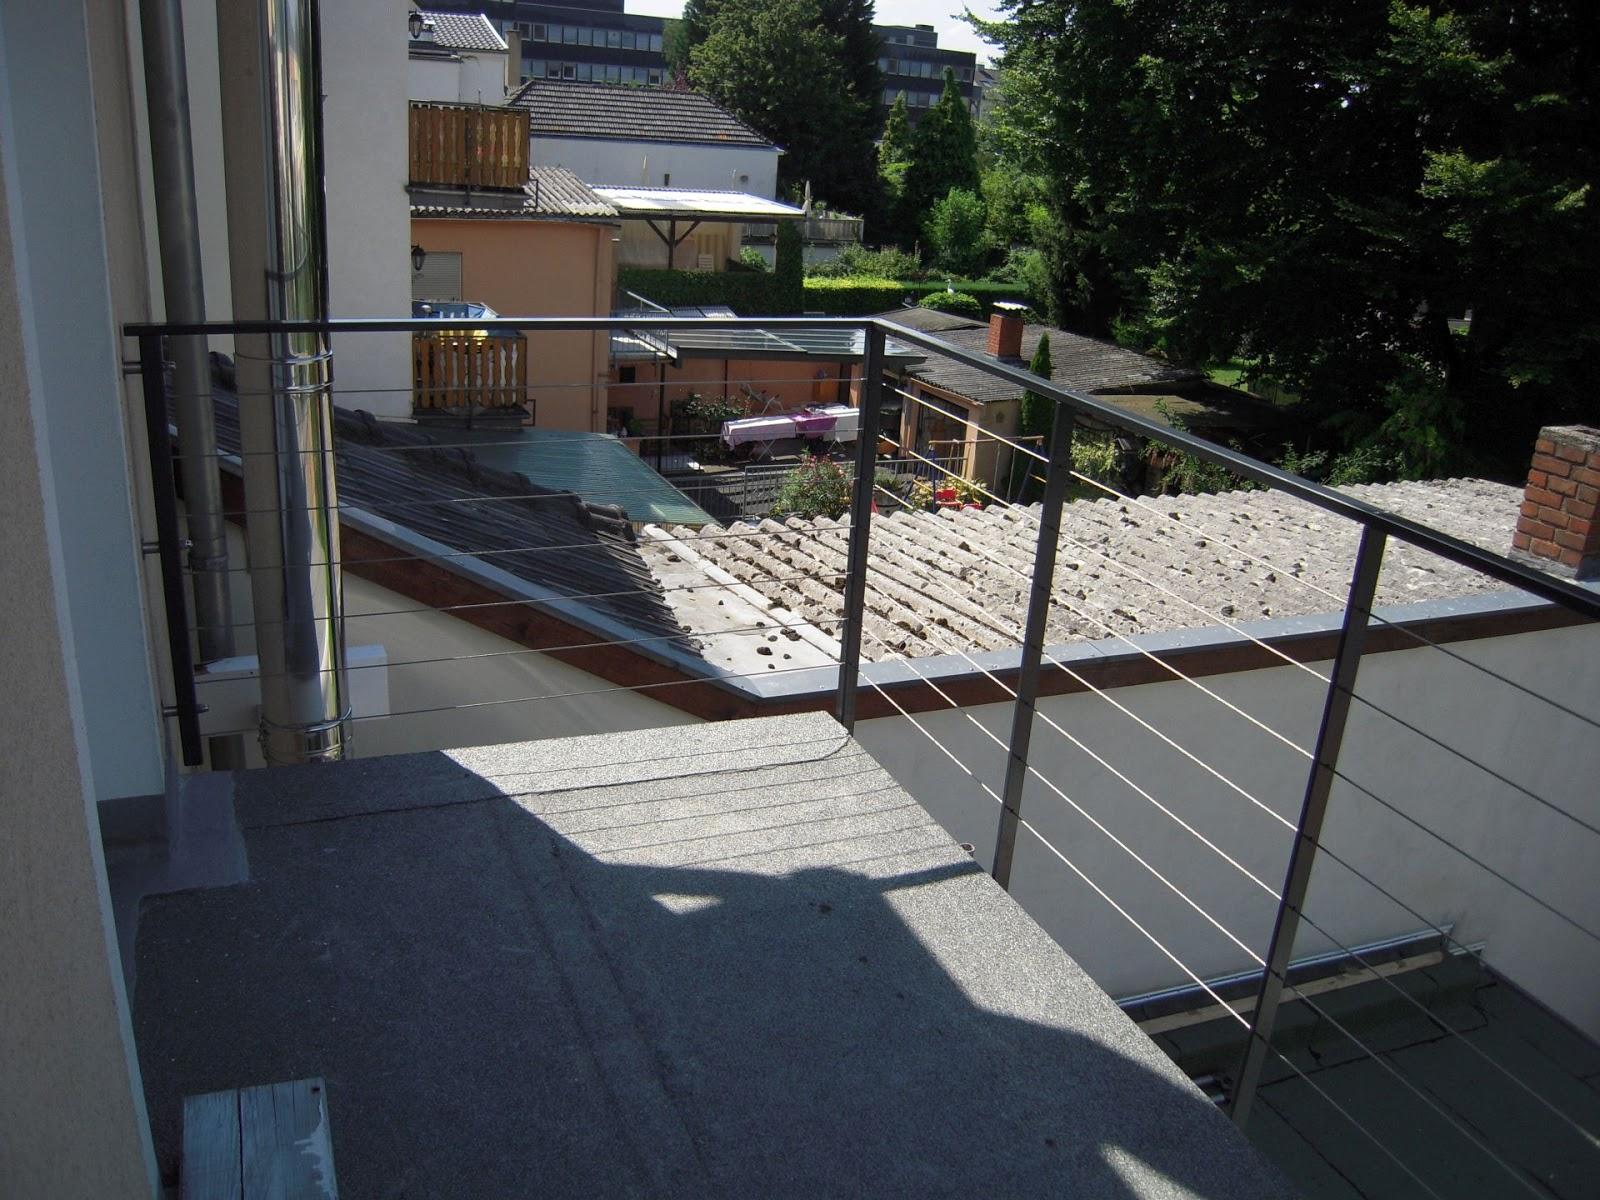 balkongel nder mit seilen fr bel metallbau. Black Bedroom Furniture Sets. Home Design Ideas